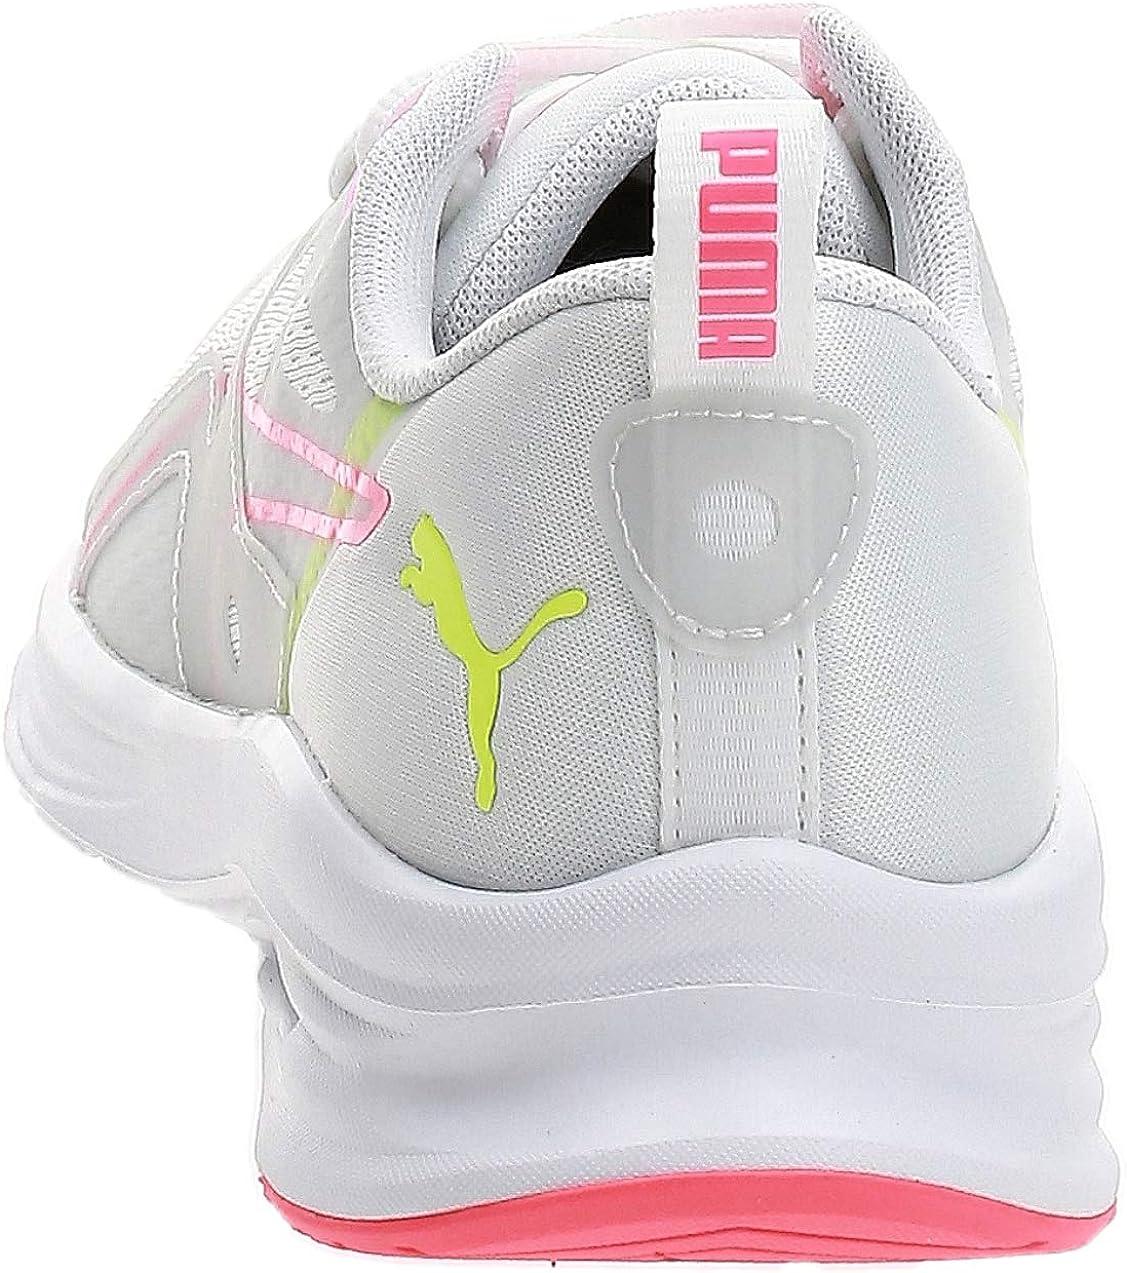 PUMA Hybrid Fuego WNS, Chaussures de Running Femme Blanc